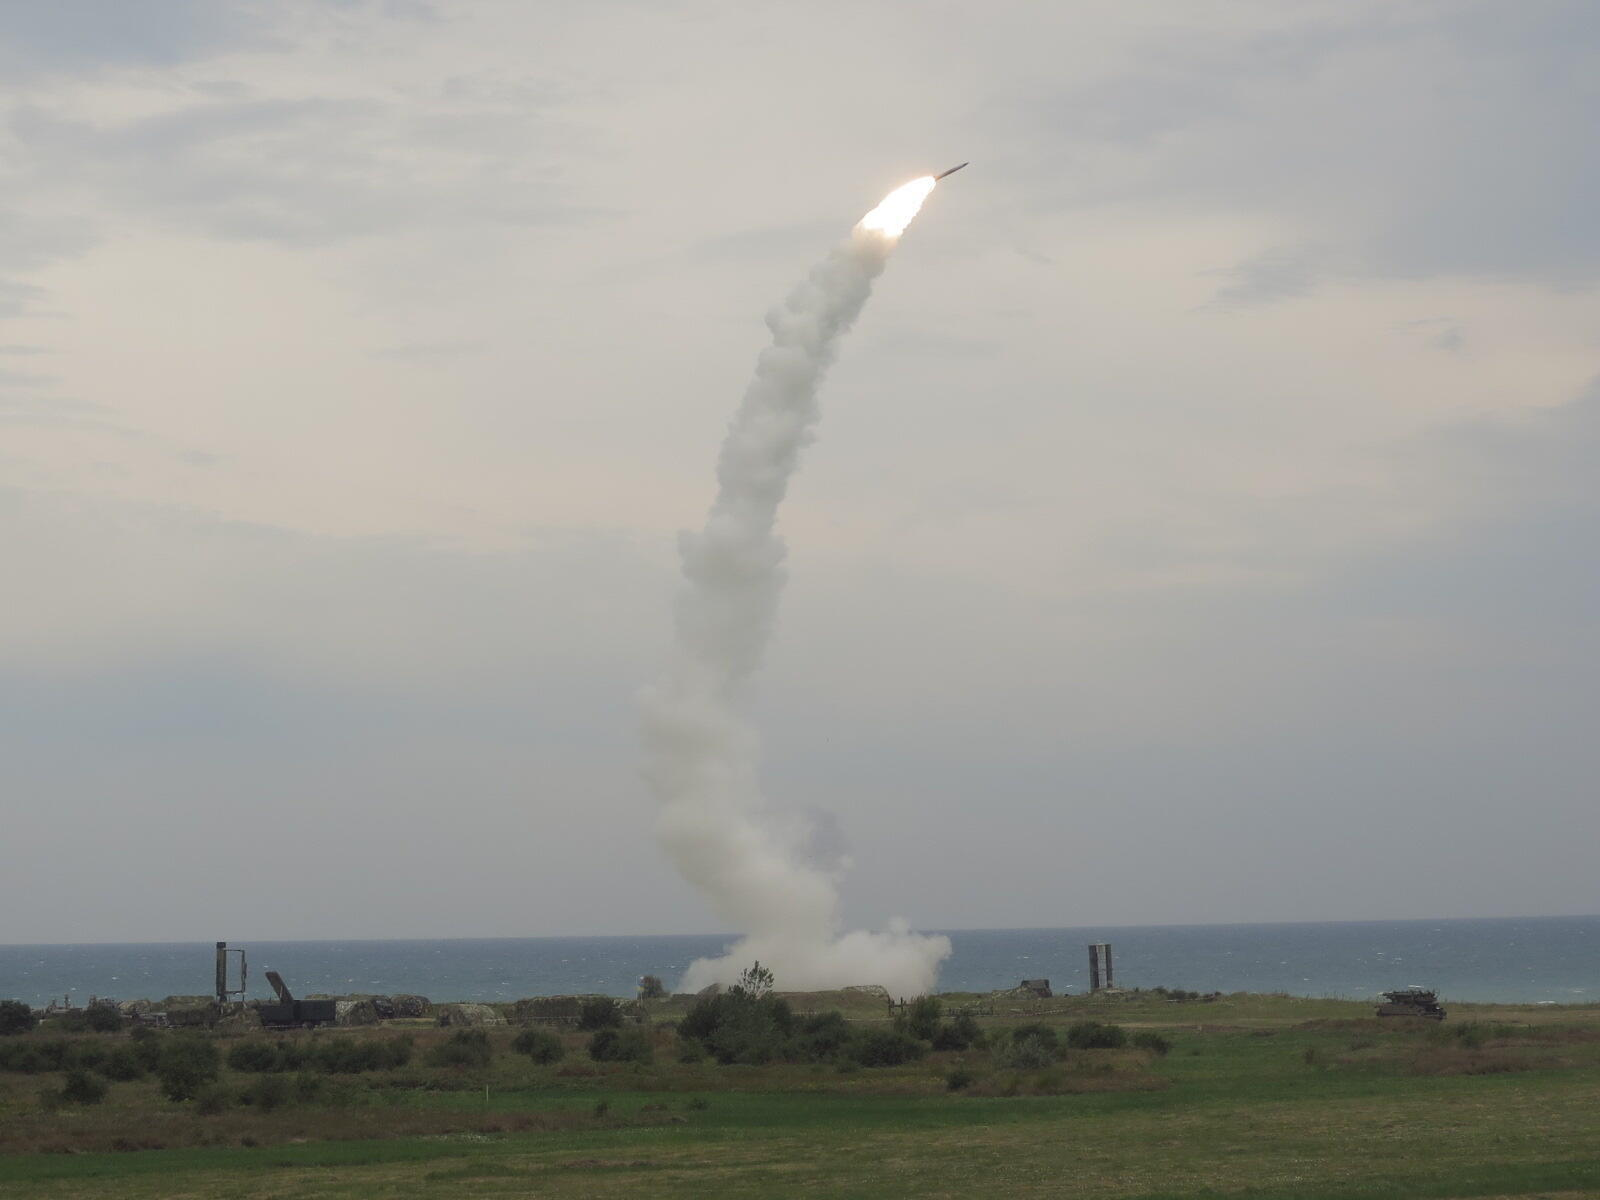 Tir de missile S-300 ukrainiens sur le polygone de Shabla en Bulgarie durant un exercice de défense aérienne. La Russie aurait déployé des batteries encore plus sophistiquées de S-400 en Crimée.